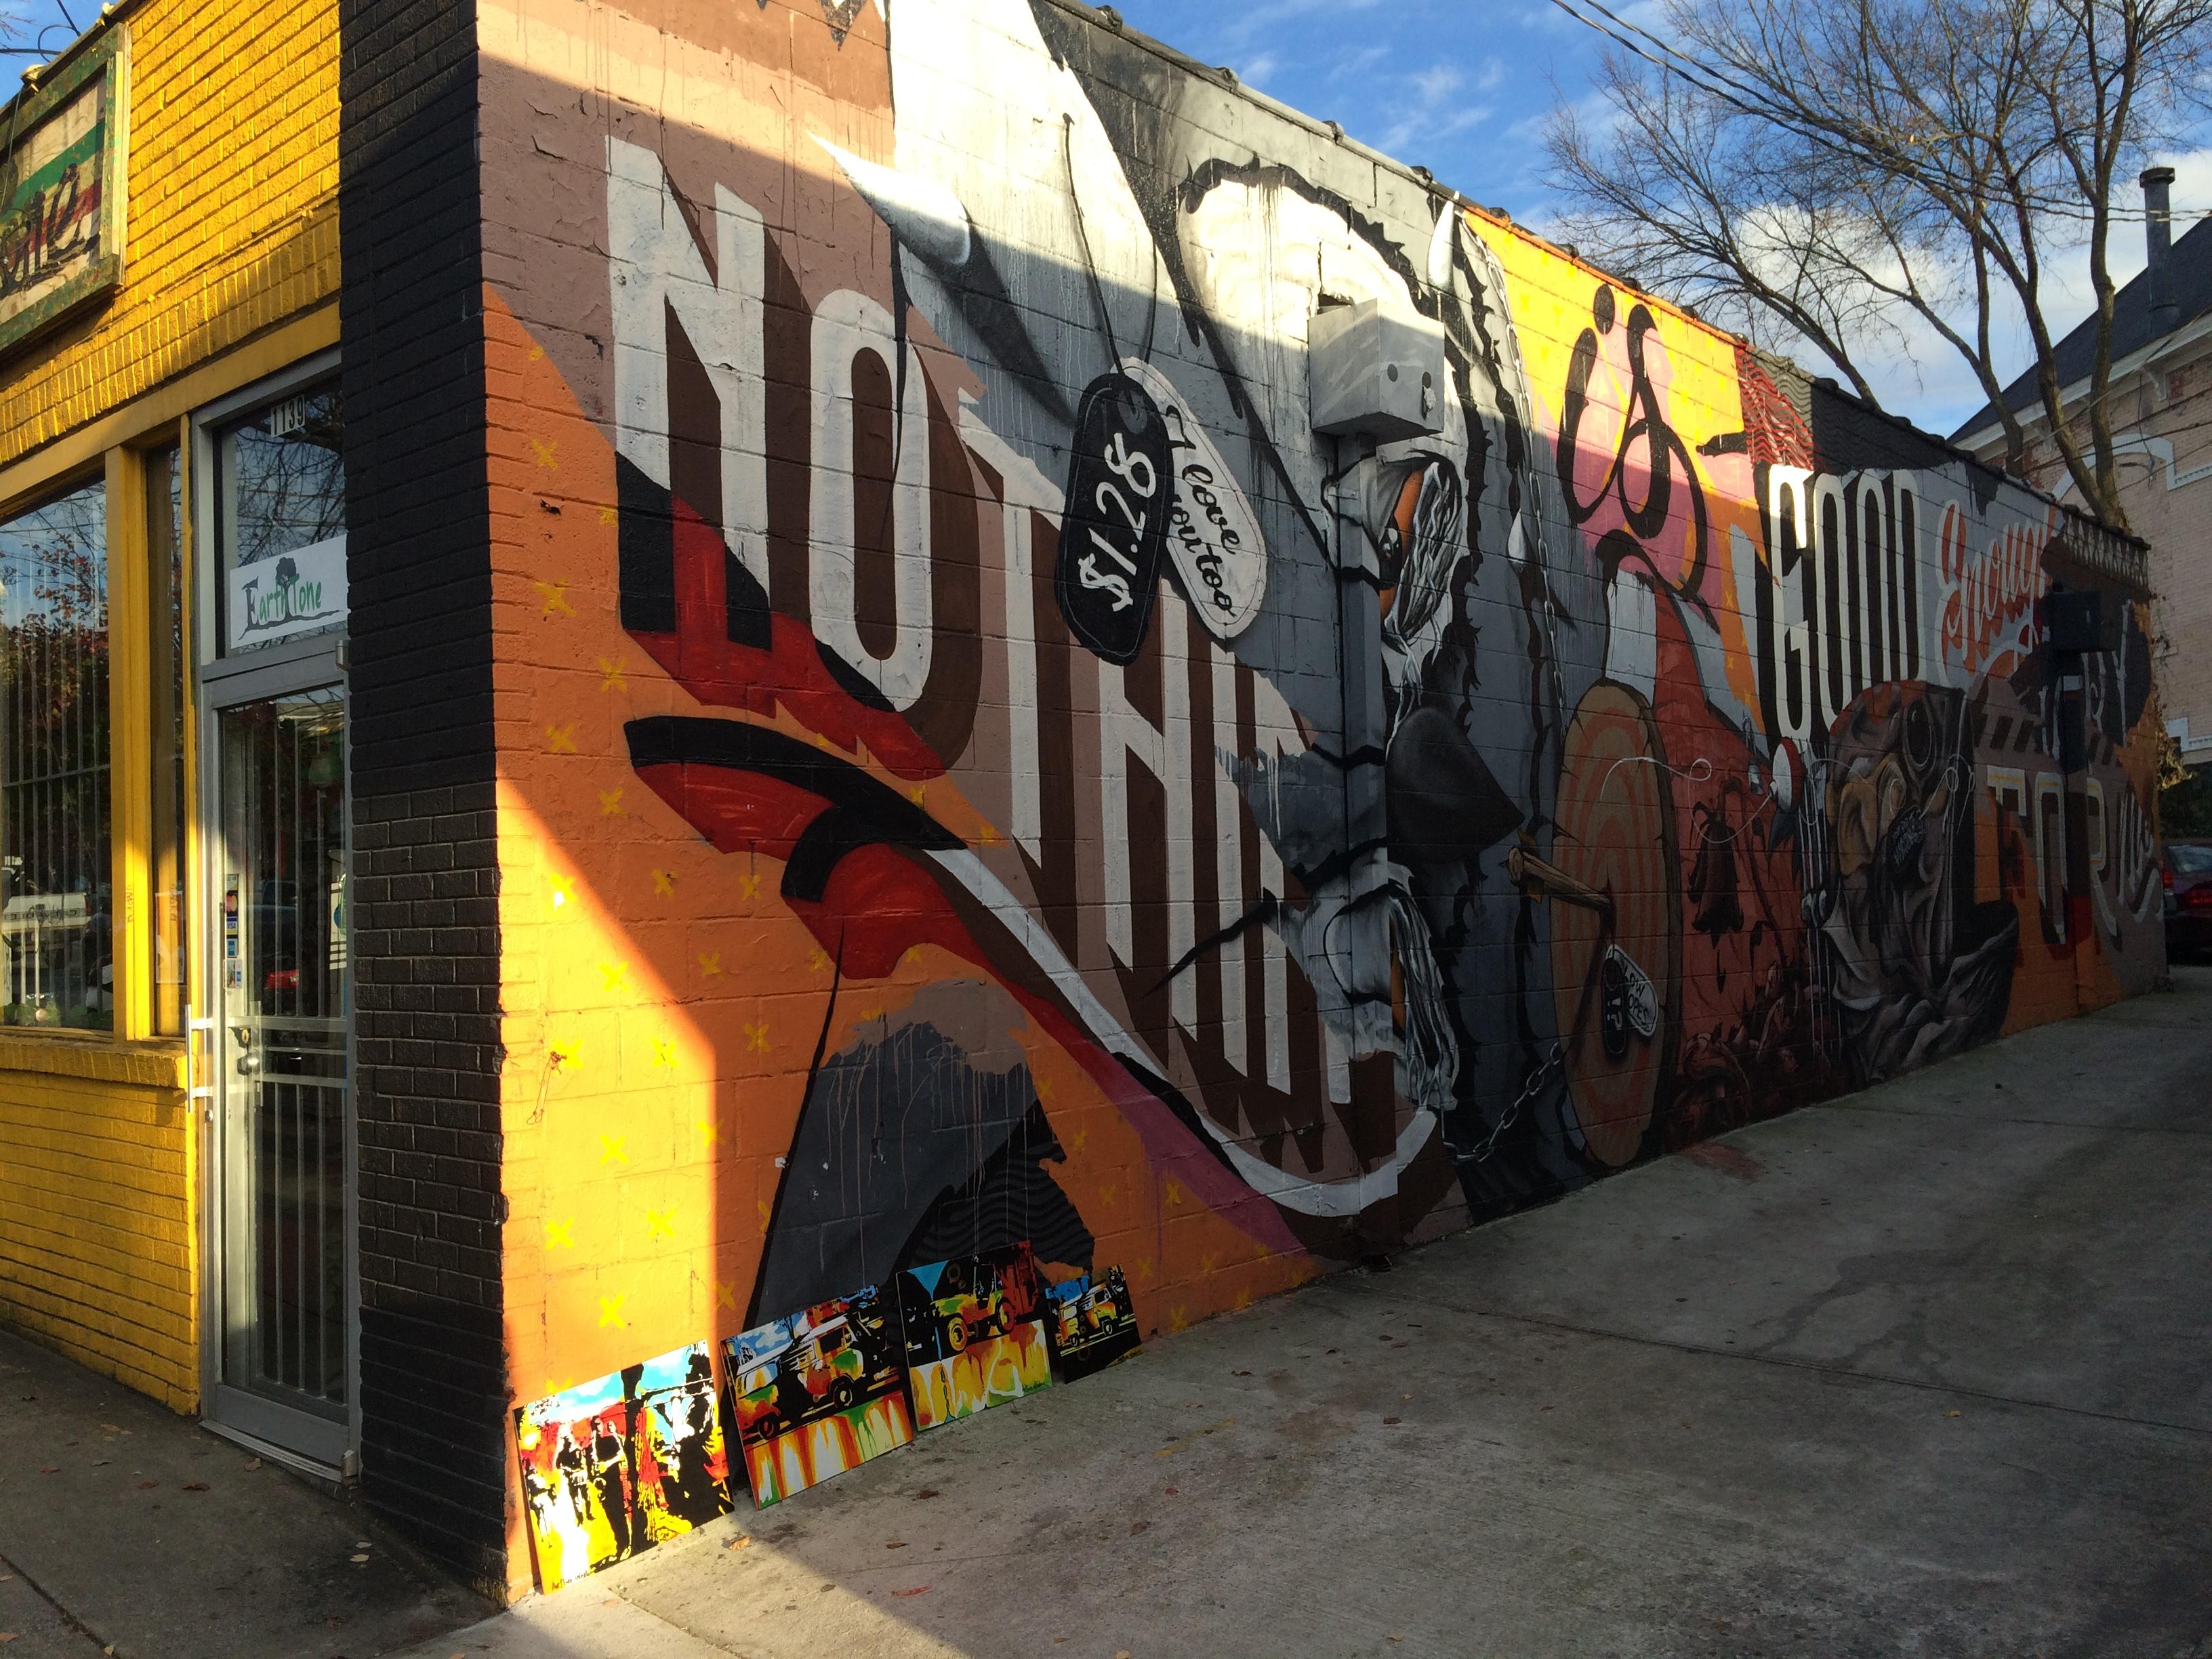 L5P street art